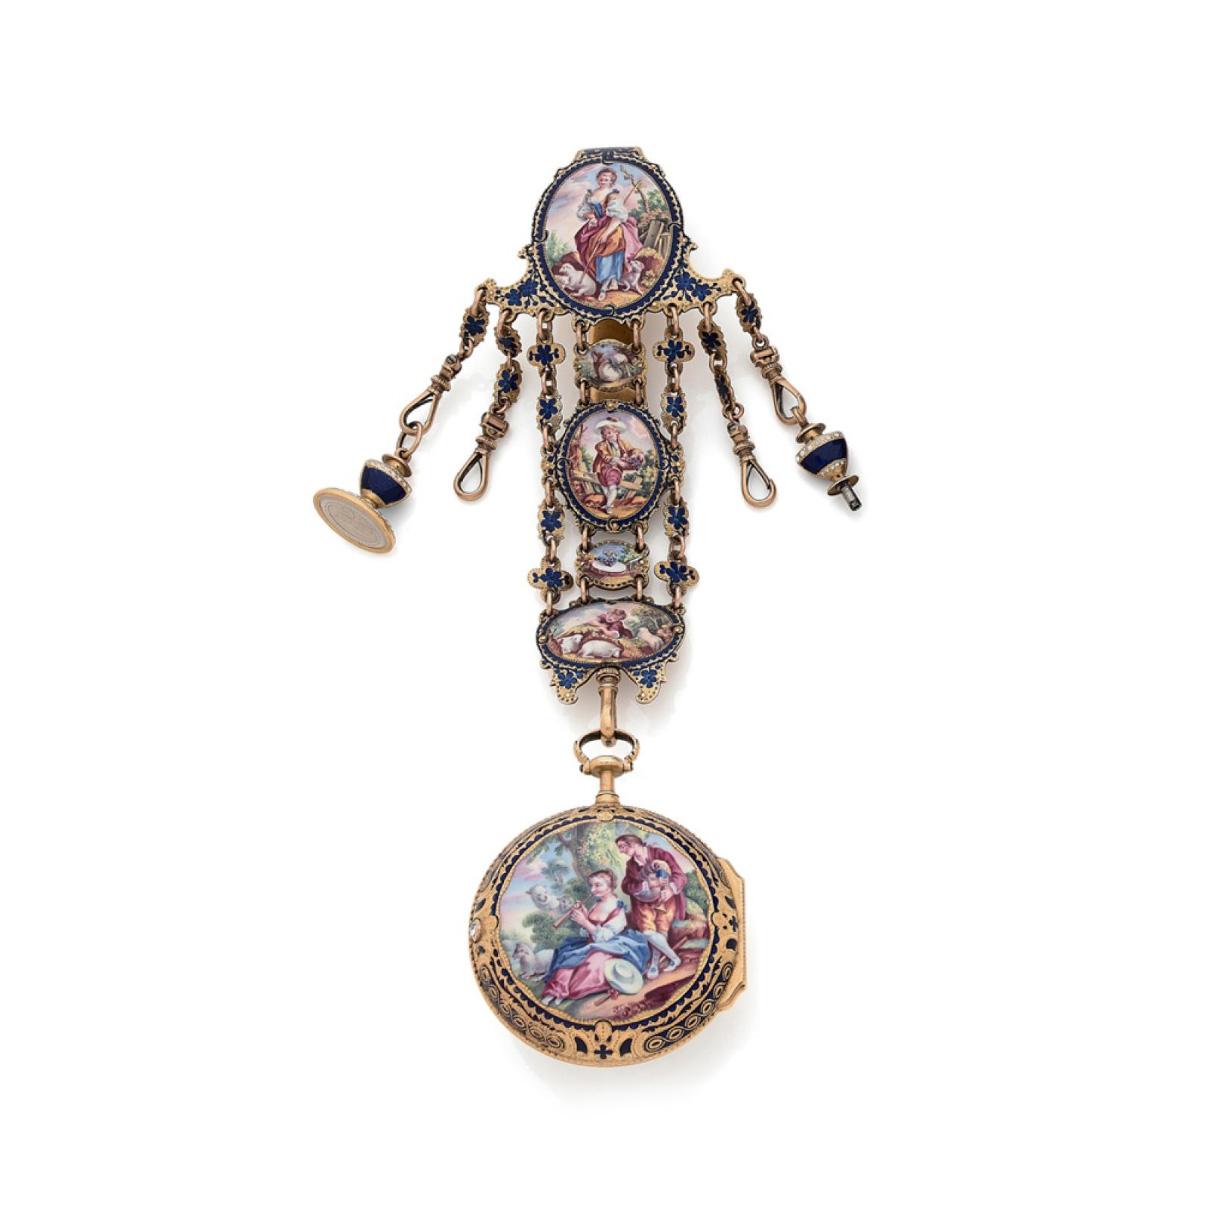 5824€ Allam, Londres, fin du XVIIIesiècle, montre et sa châtelaine en or émaillé à décor de scènes champêtres, poids brut108,6g. Drou